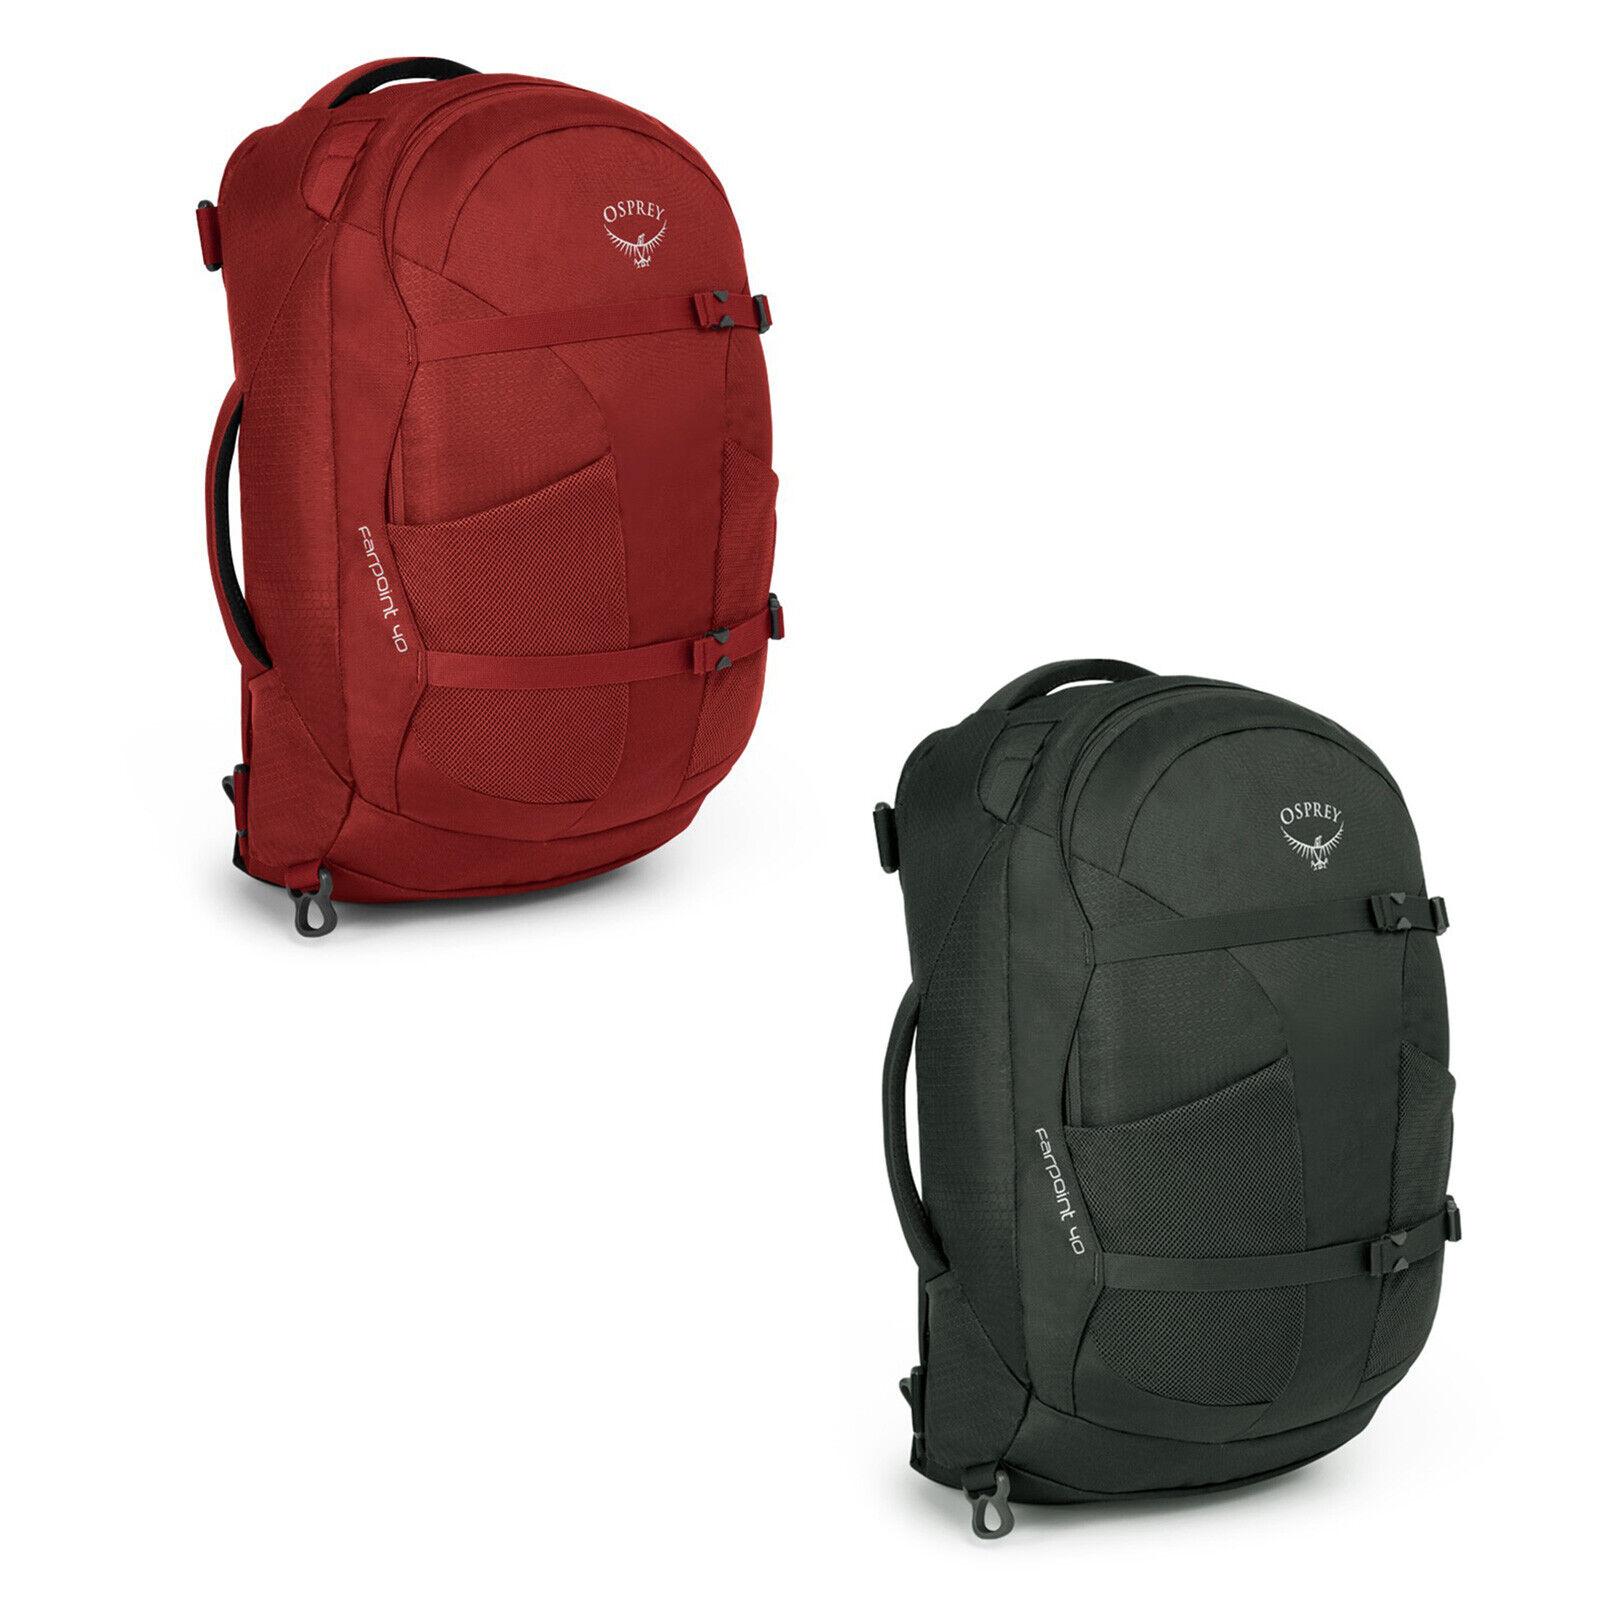 Osprey Farpoint Men's Backpack Travel Backpack Hiking Rucksa